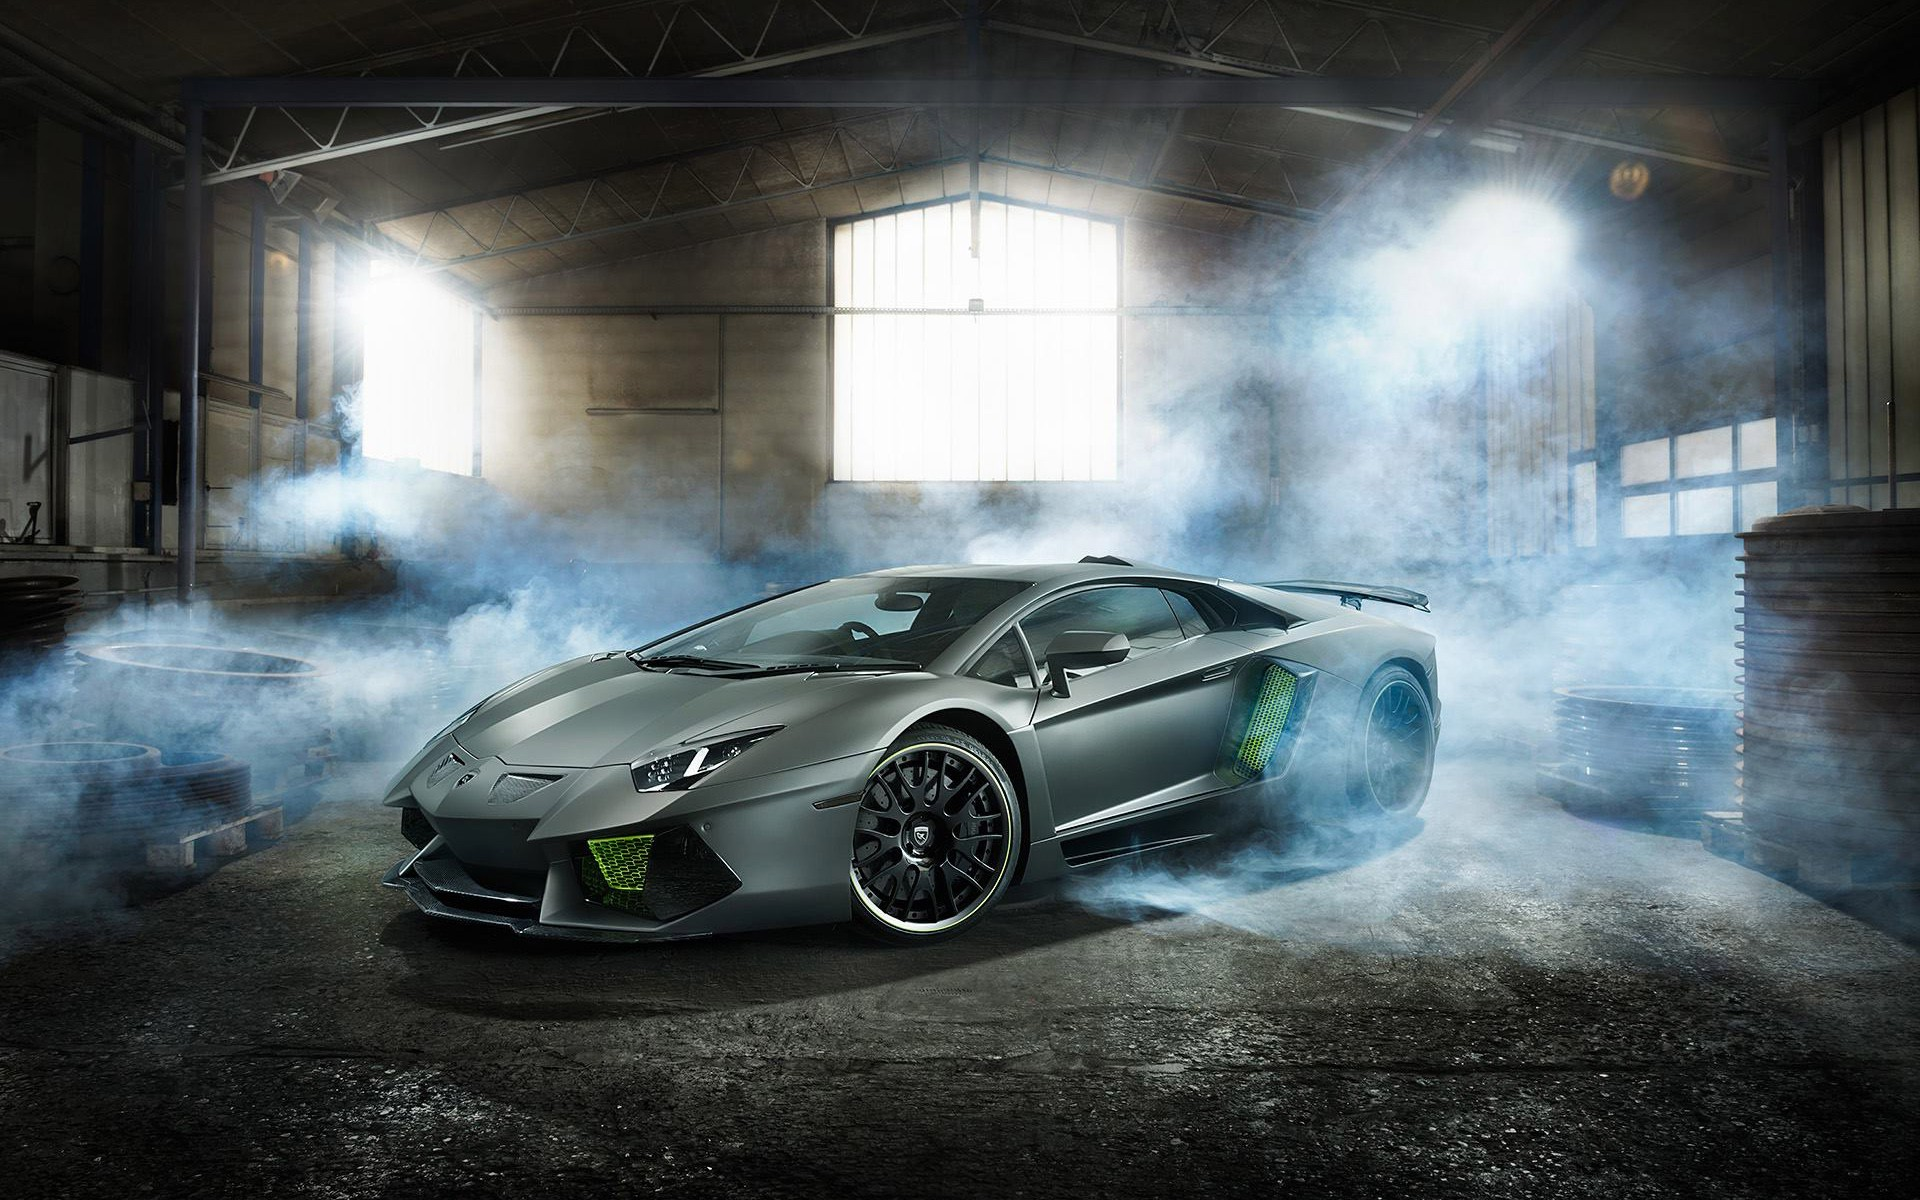 Lamborghini Aventador Car 4k Hd Desktop Wallpaper For 4k: 2048x1152 Lamborghini Aventador Desktop HD 2048x1152